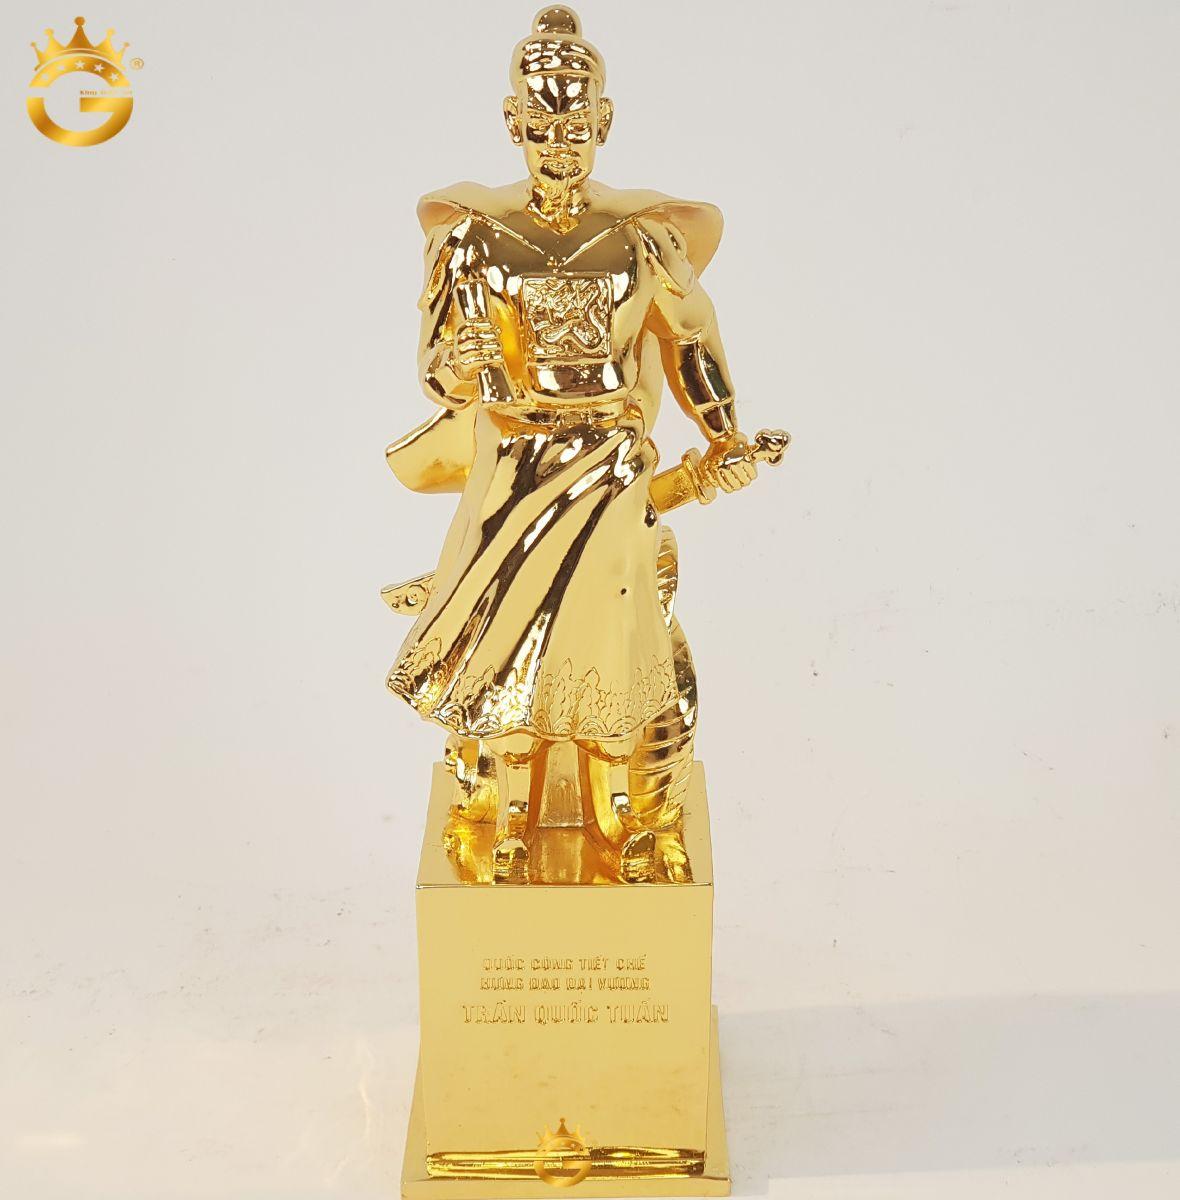 Tượng cụ Trần Quốc Tuấn mạ vàng 24k được các Nghệ Nhân King Gold Art chế tác vô cùng tinh xảo